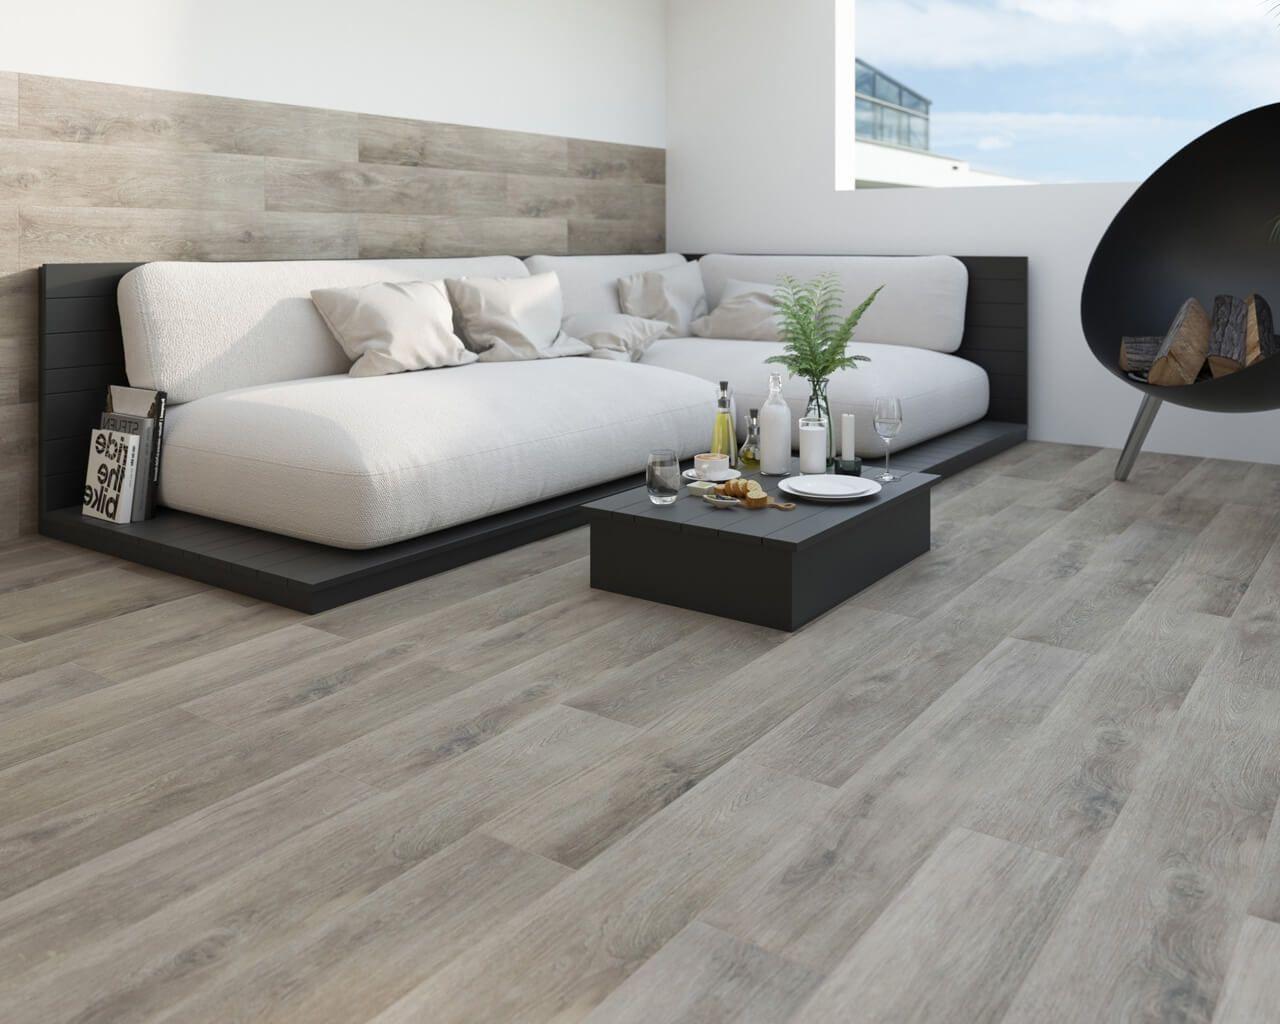 Fußboden Terrasse ~ Gemütliche terrasse mit einem warmen fußboden und kamin ceramika